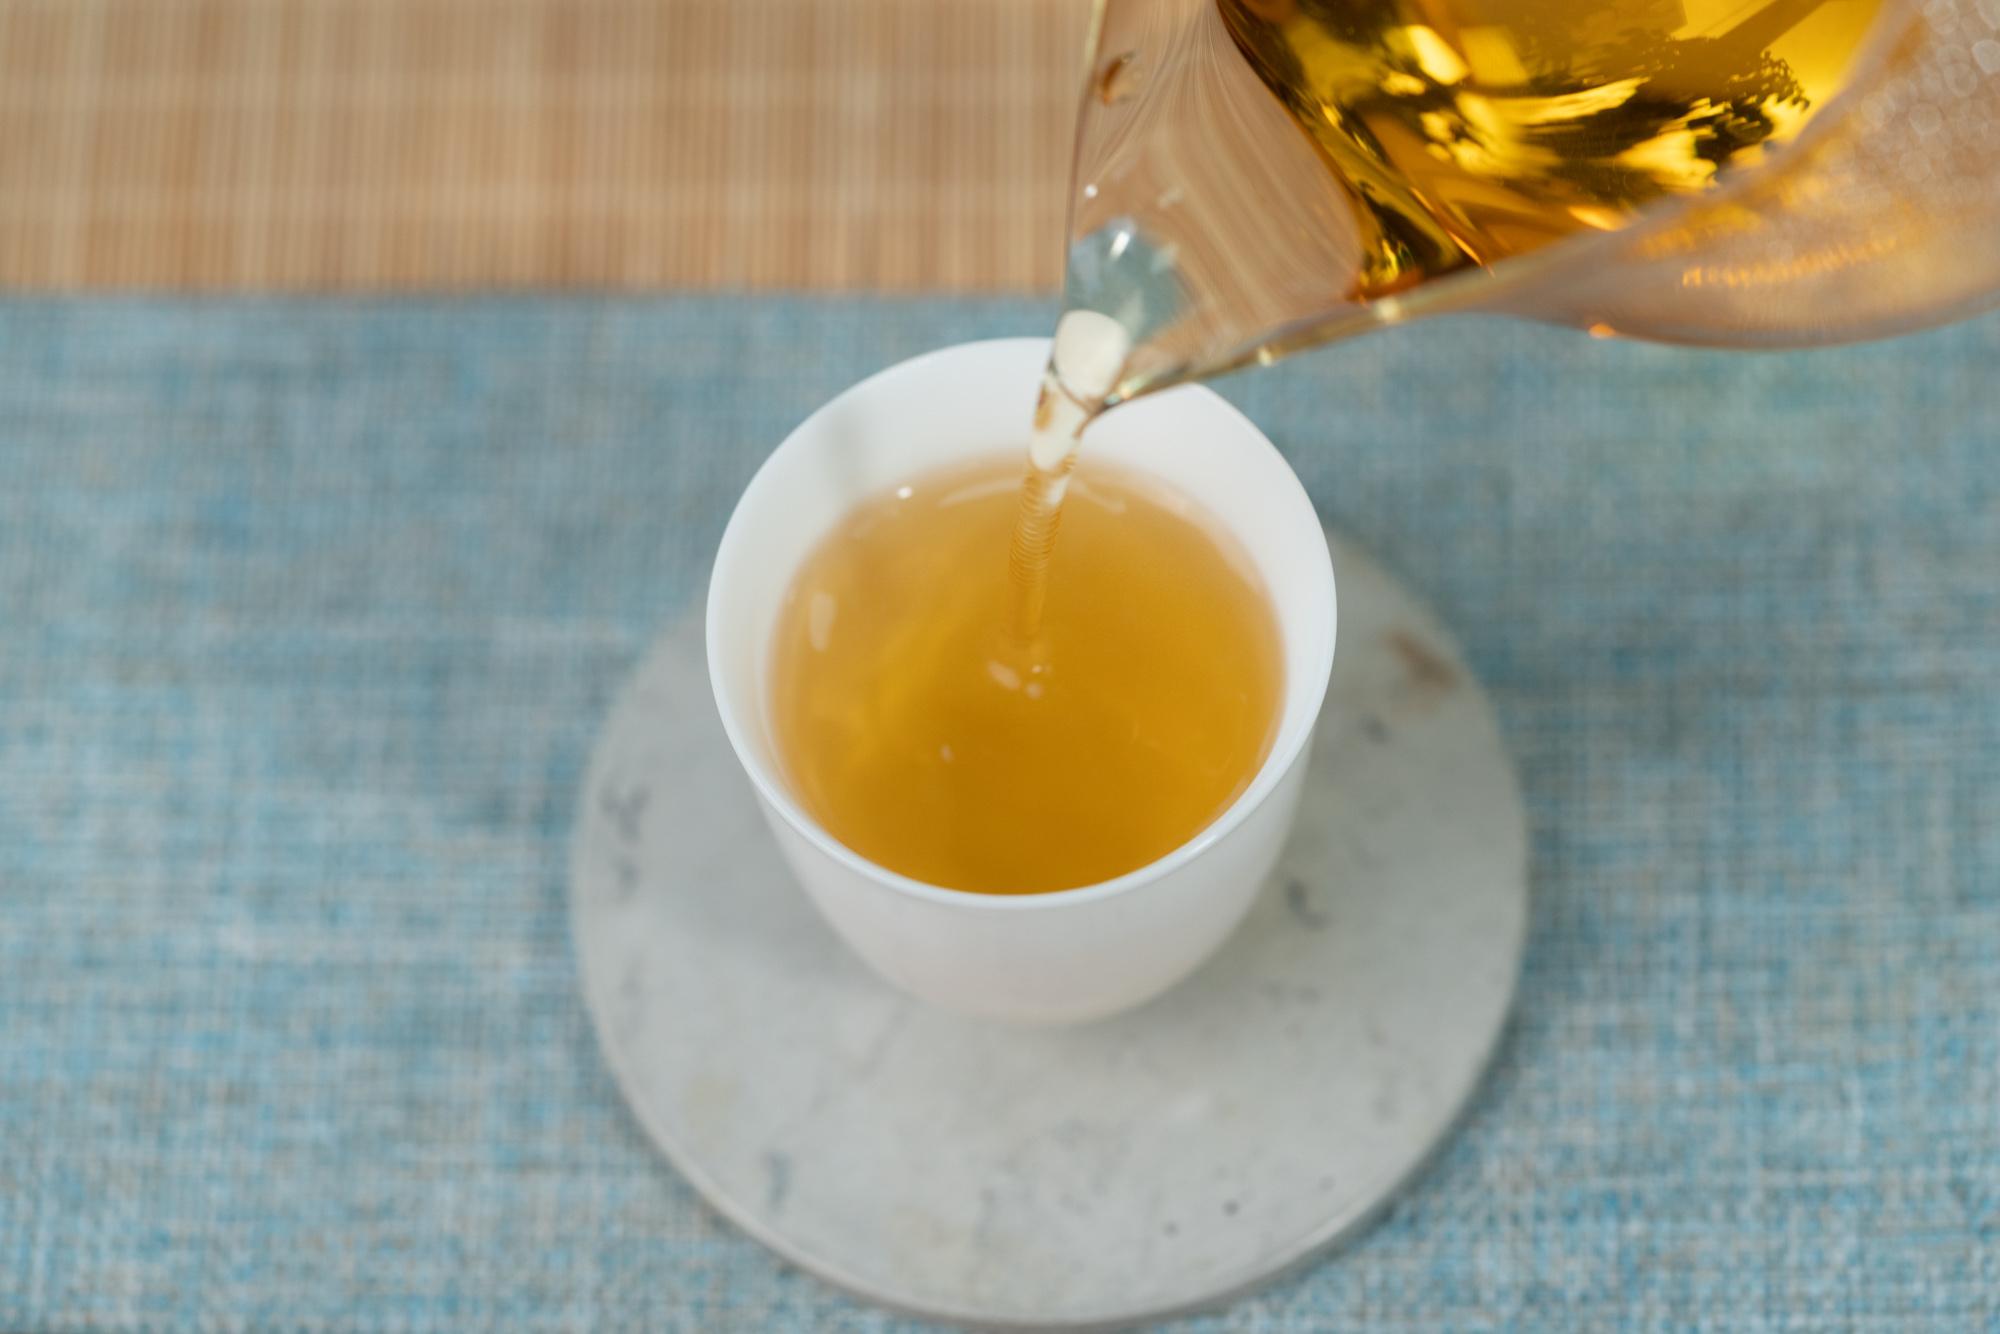 小喜年-送茶叶给领导、长辈应该注意什么?牢记这几句口诀